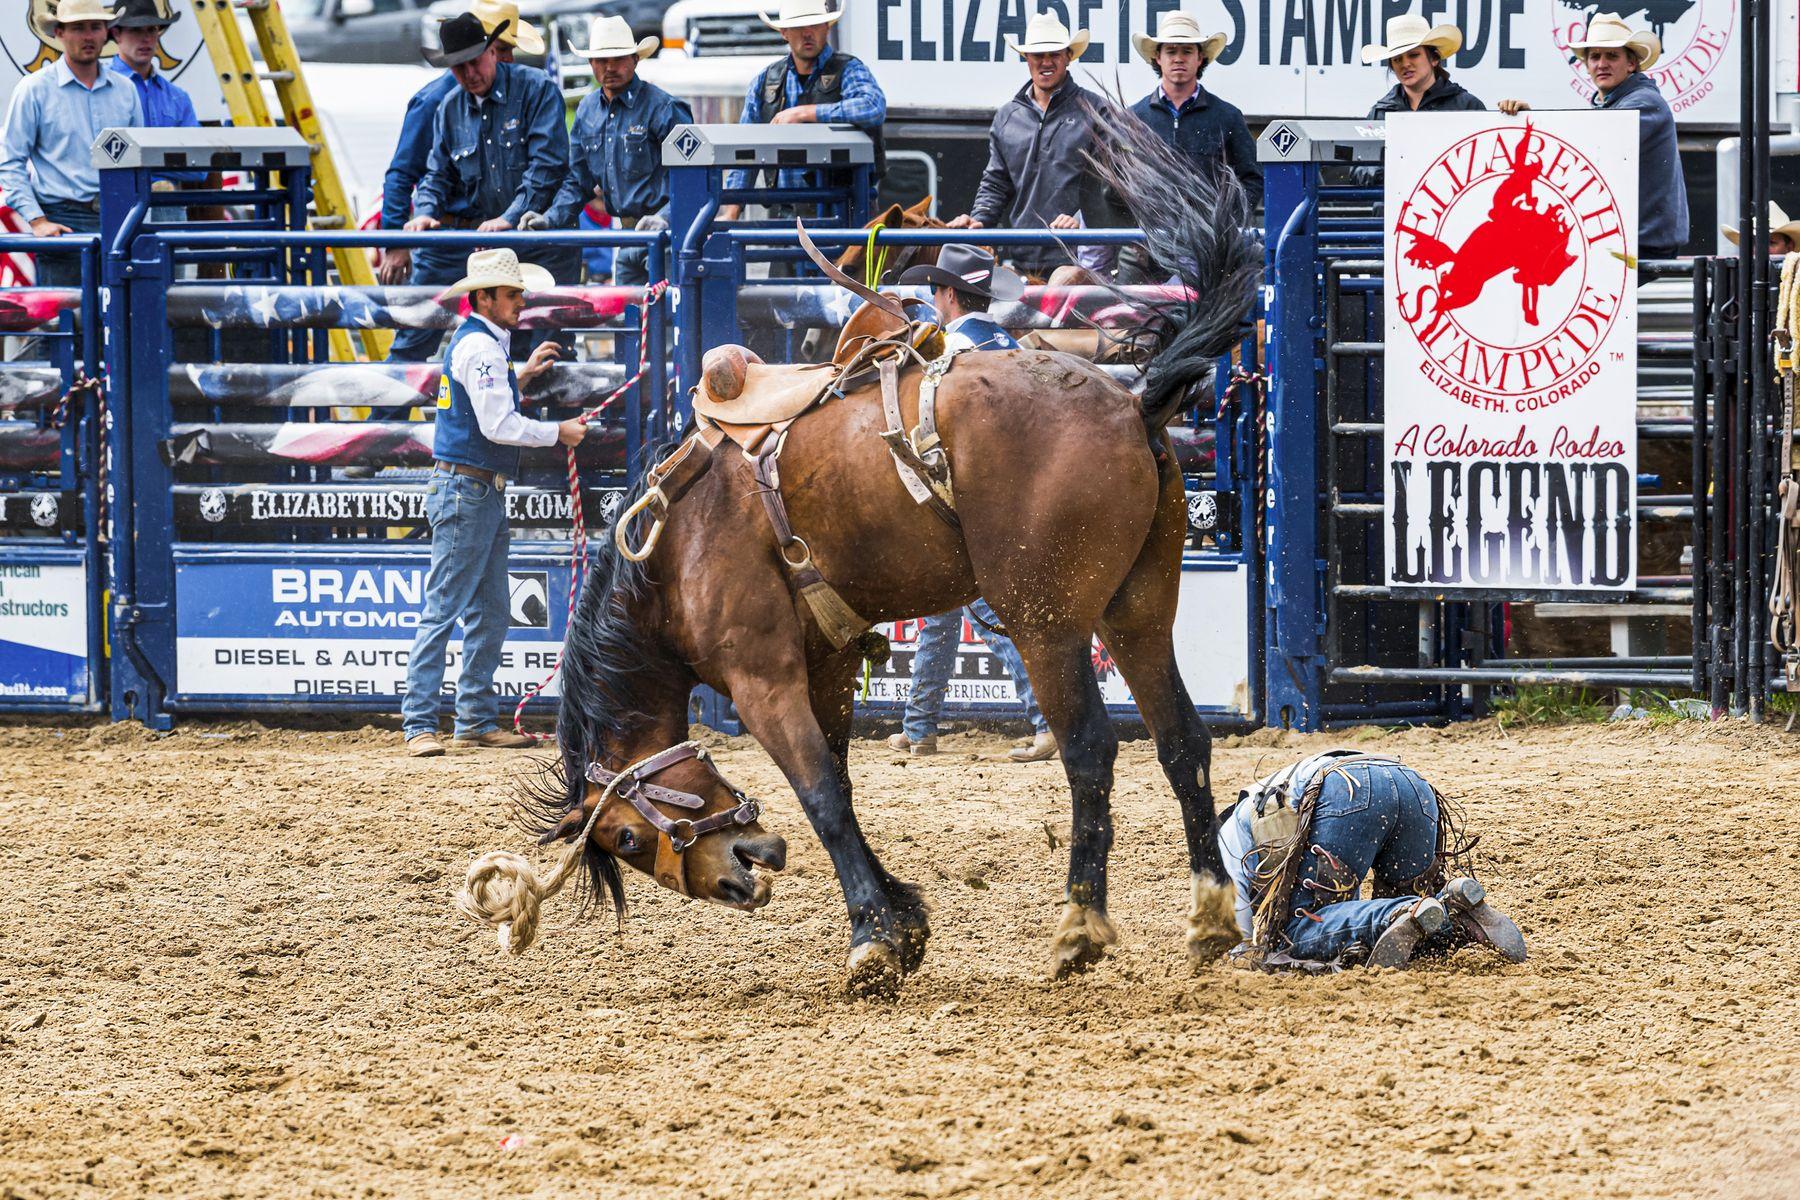 Не вели казнить, а вели помиловать ковбой родео конь лошадь